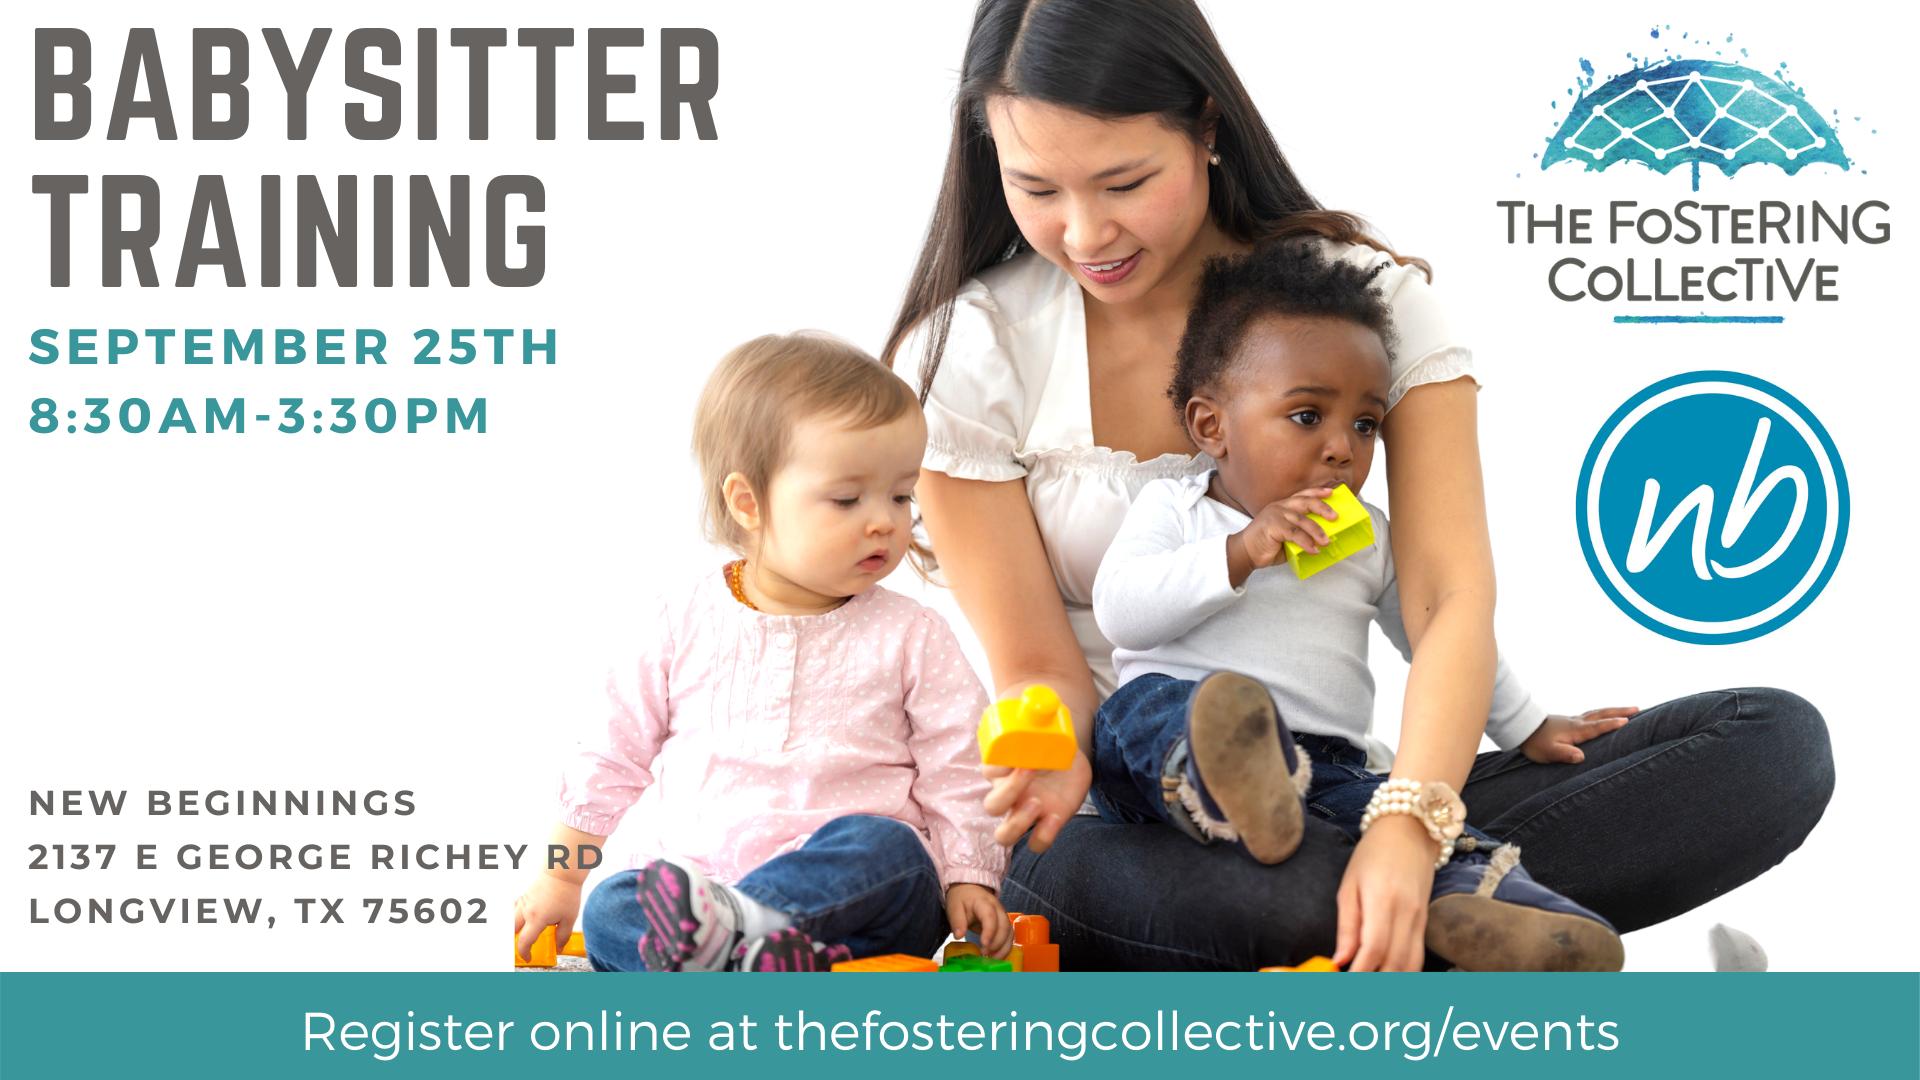 Babysitter training - September